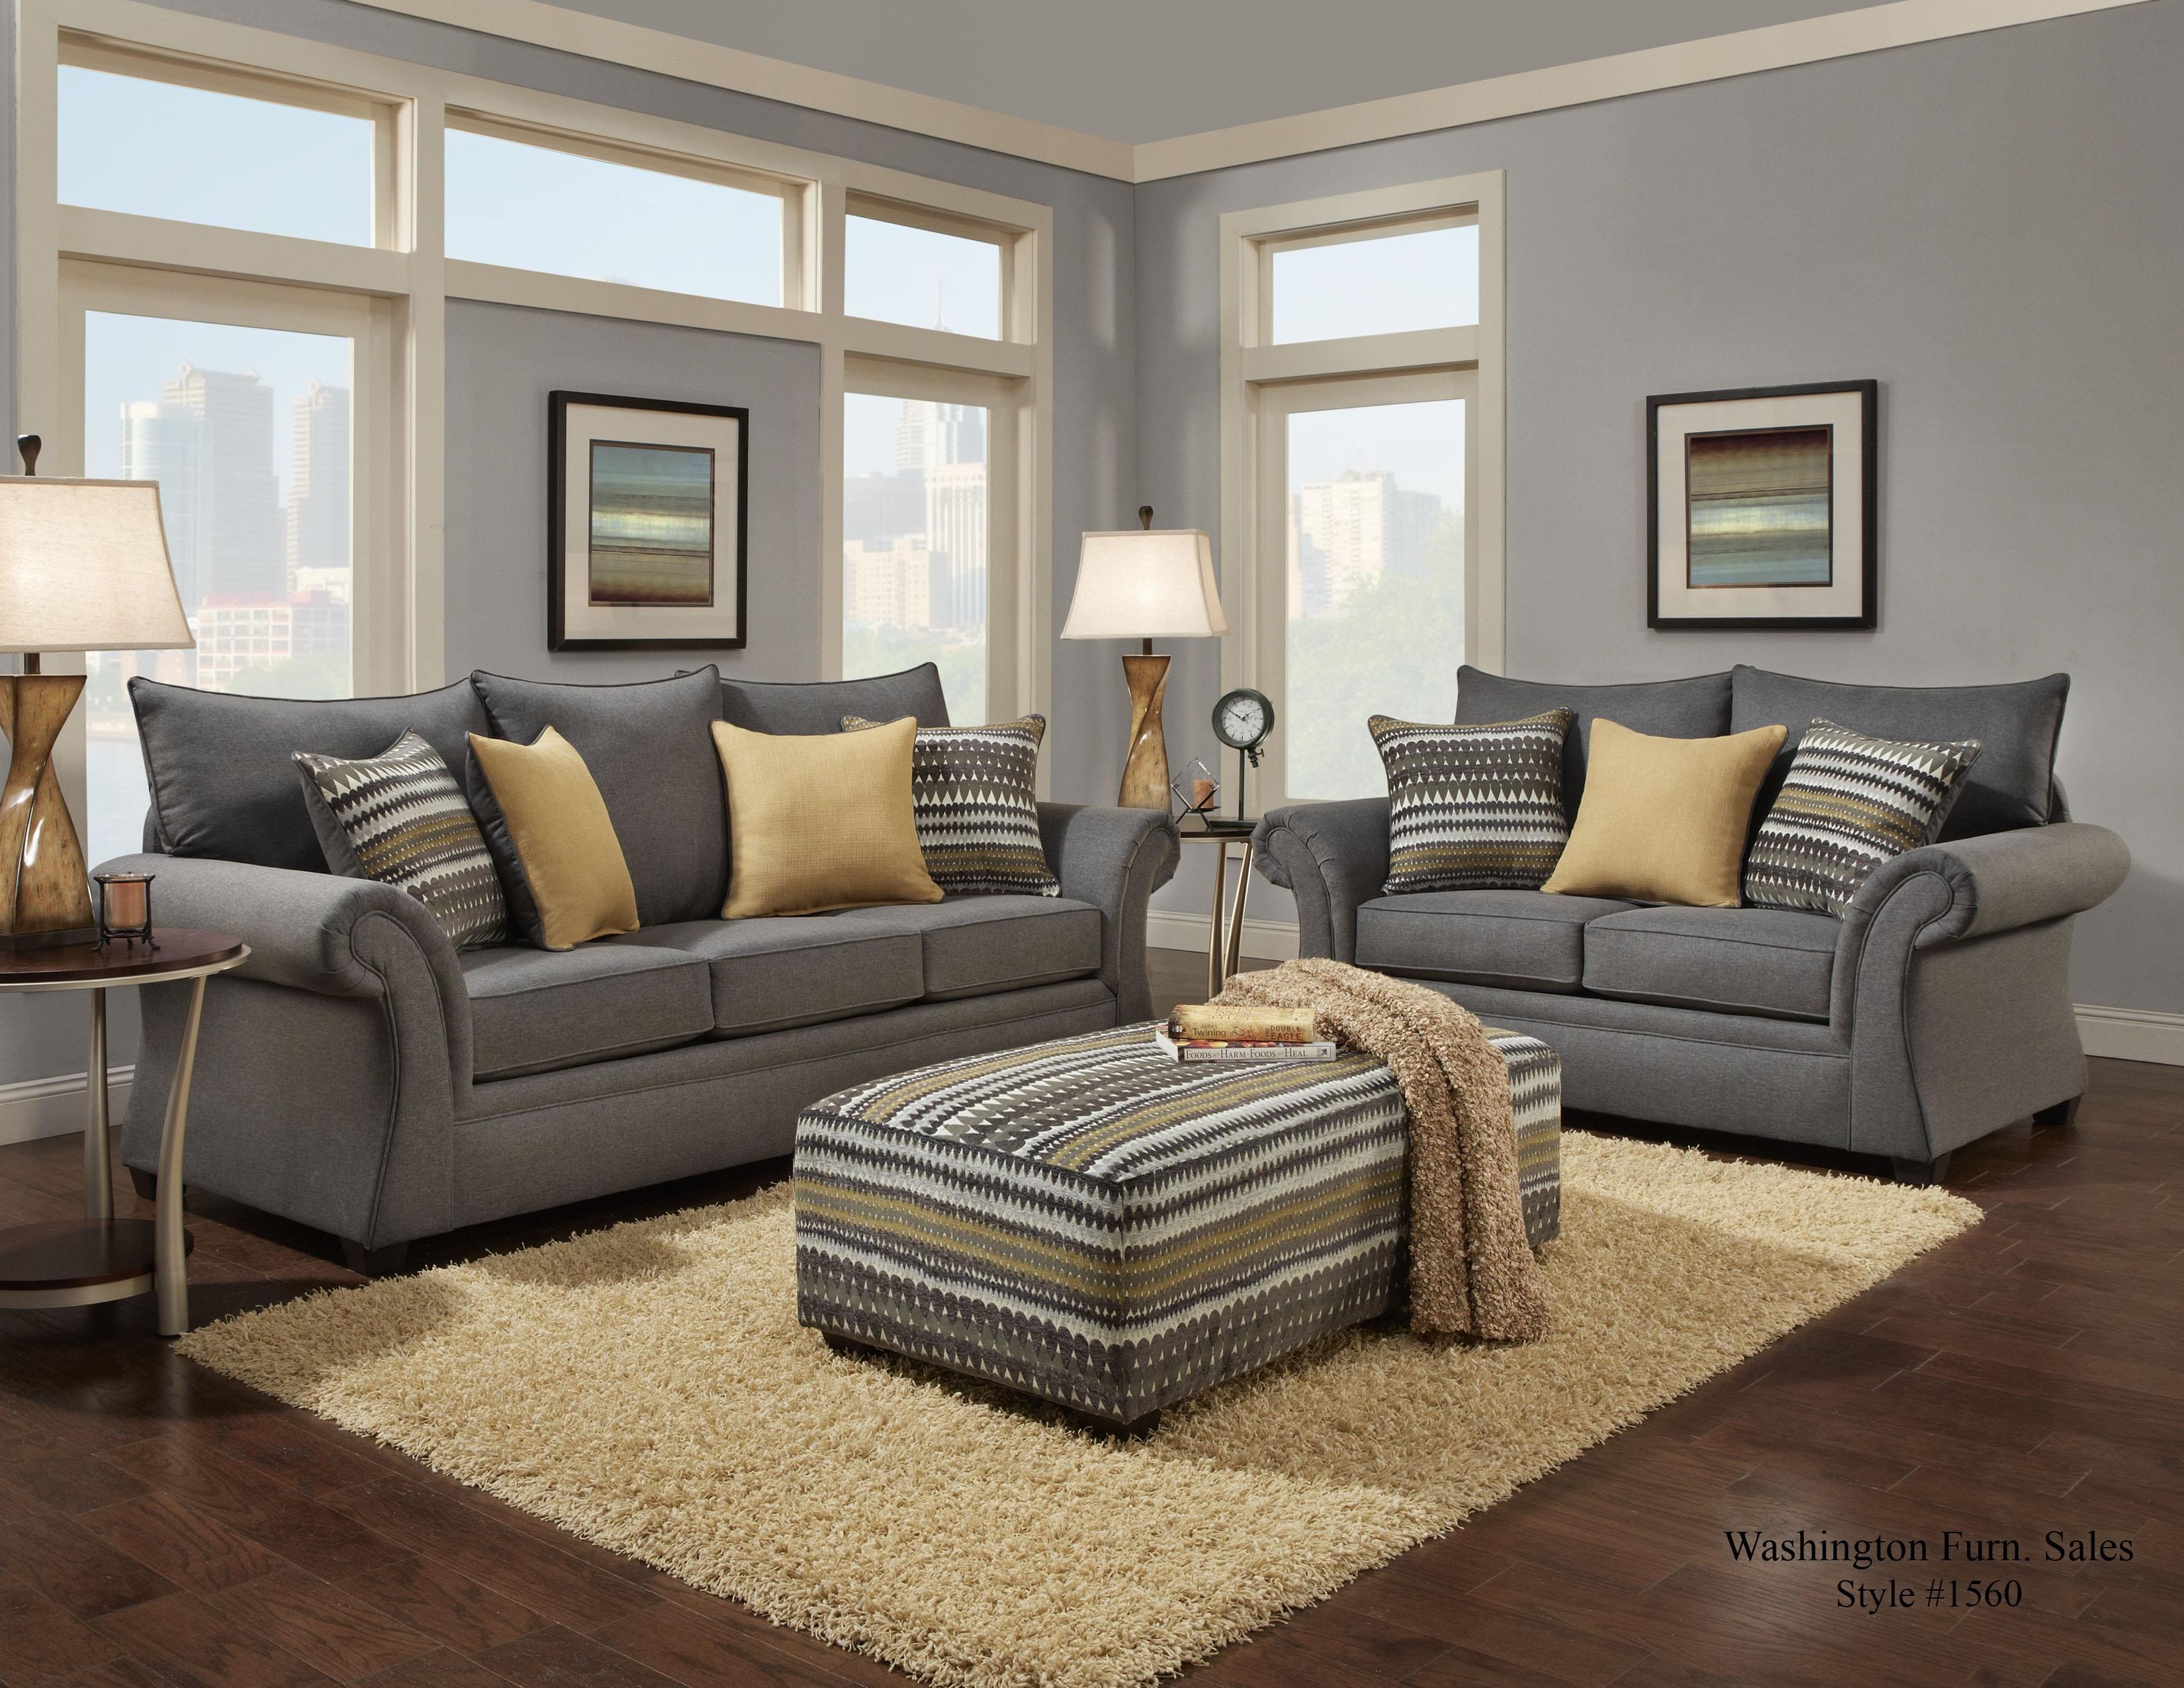 Washington Furniture 1560 Living Room Group - Item Number: 1560 Living Room Group 1